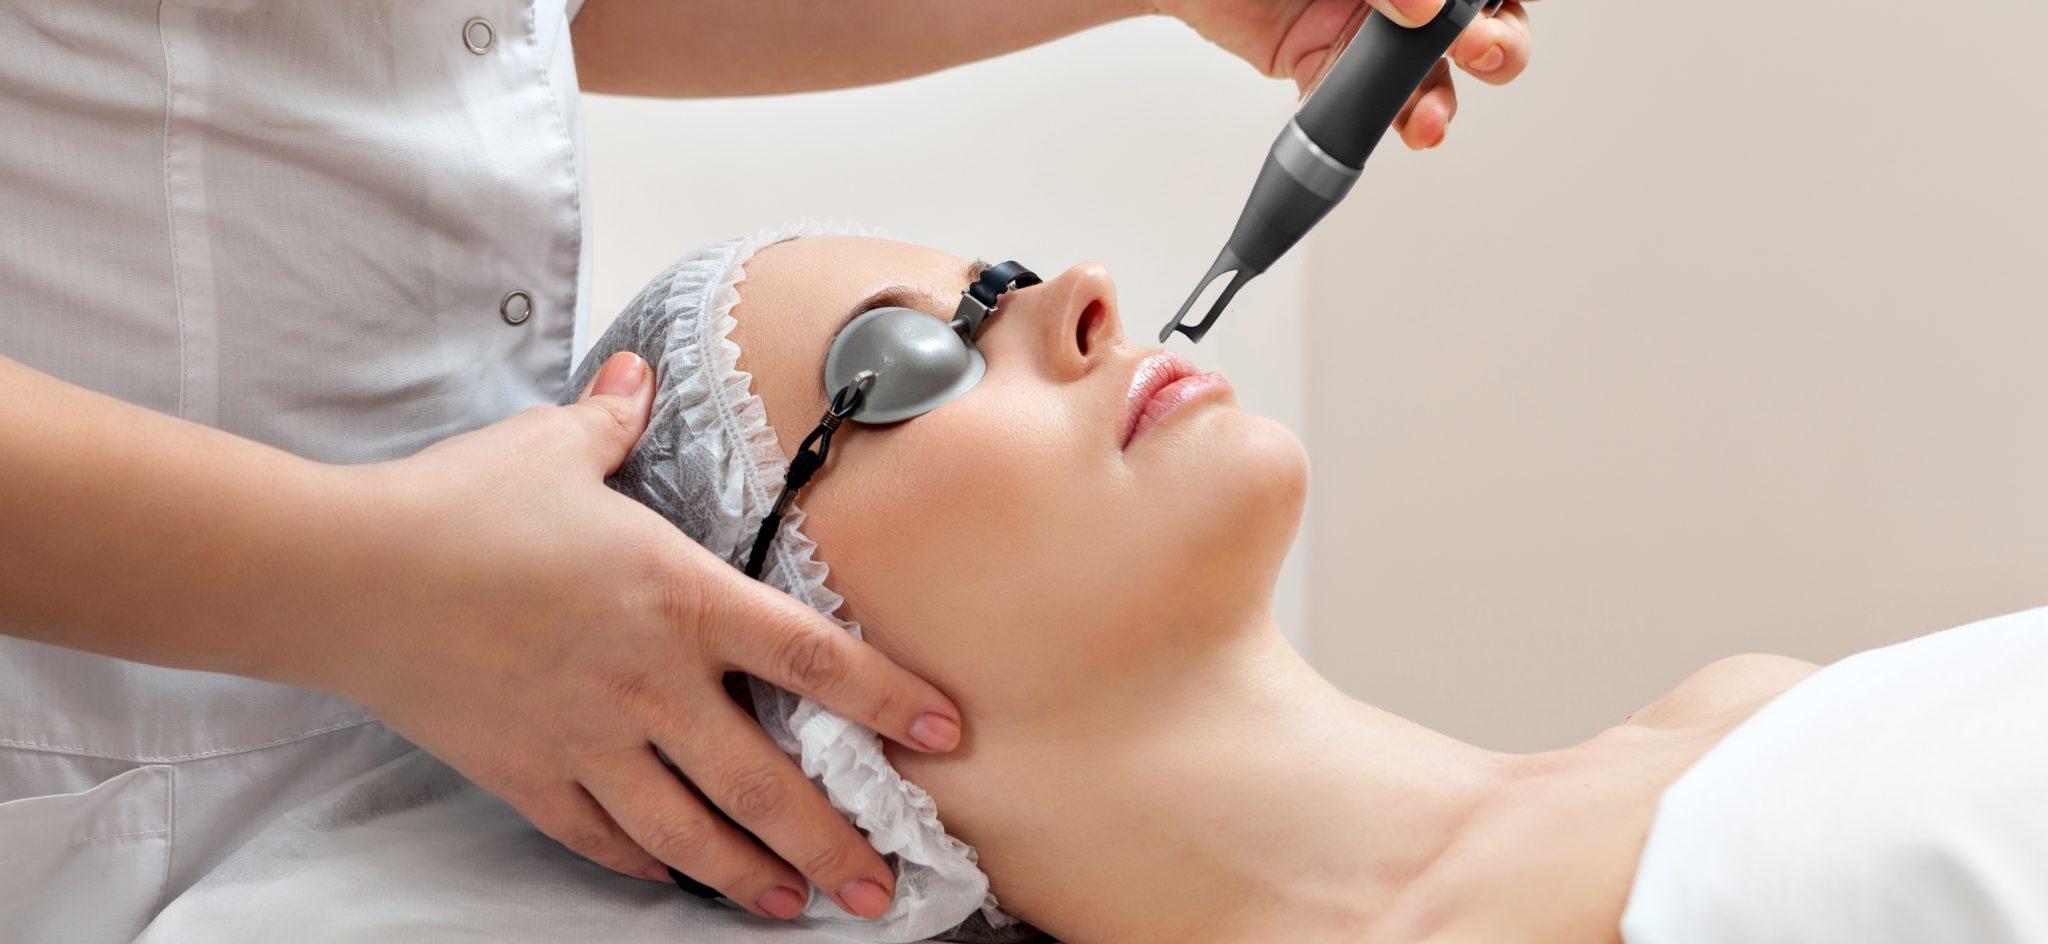 277556 555 - روشهای مختلف از بین بردن موهای زاید بدن و پشت لب